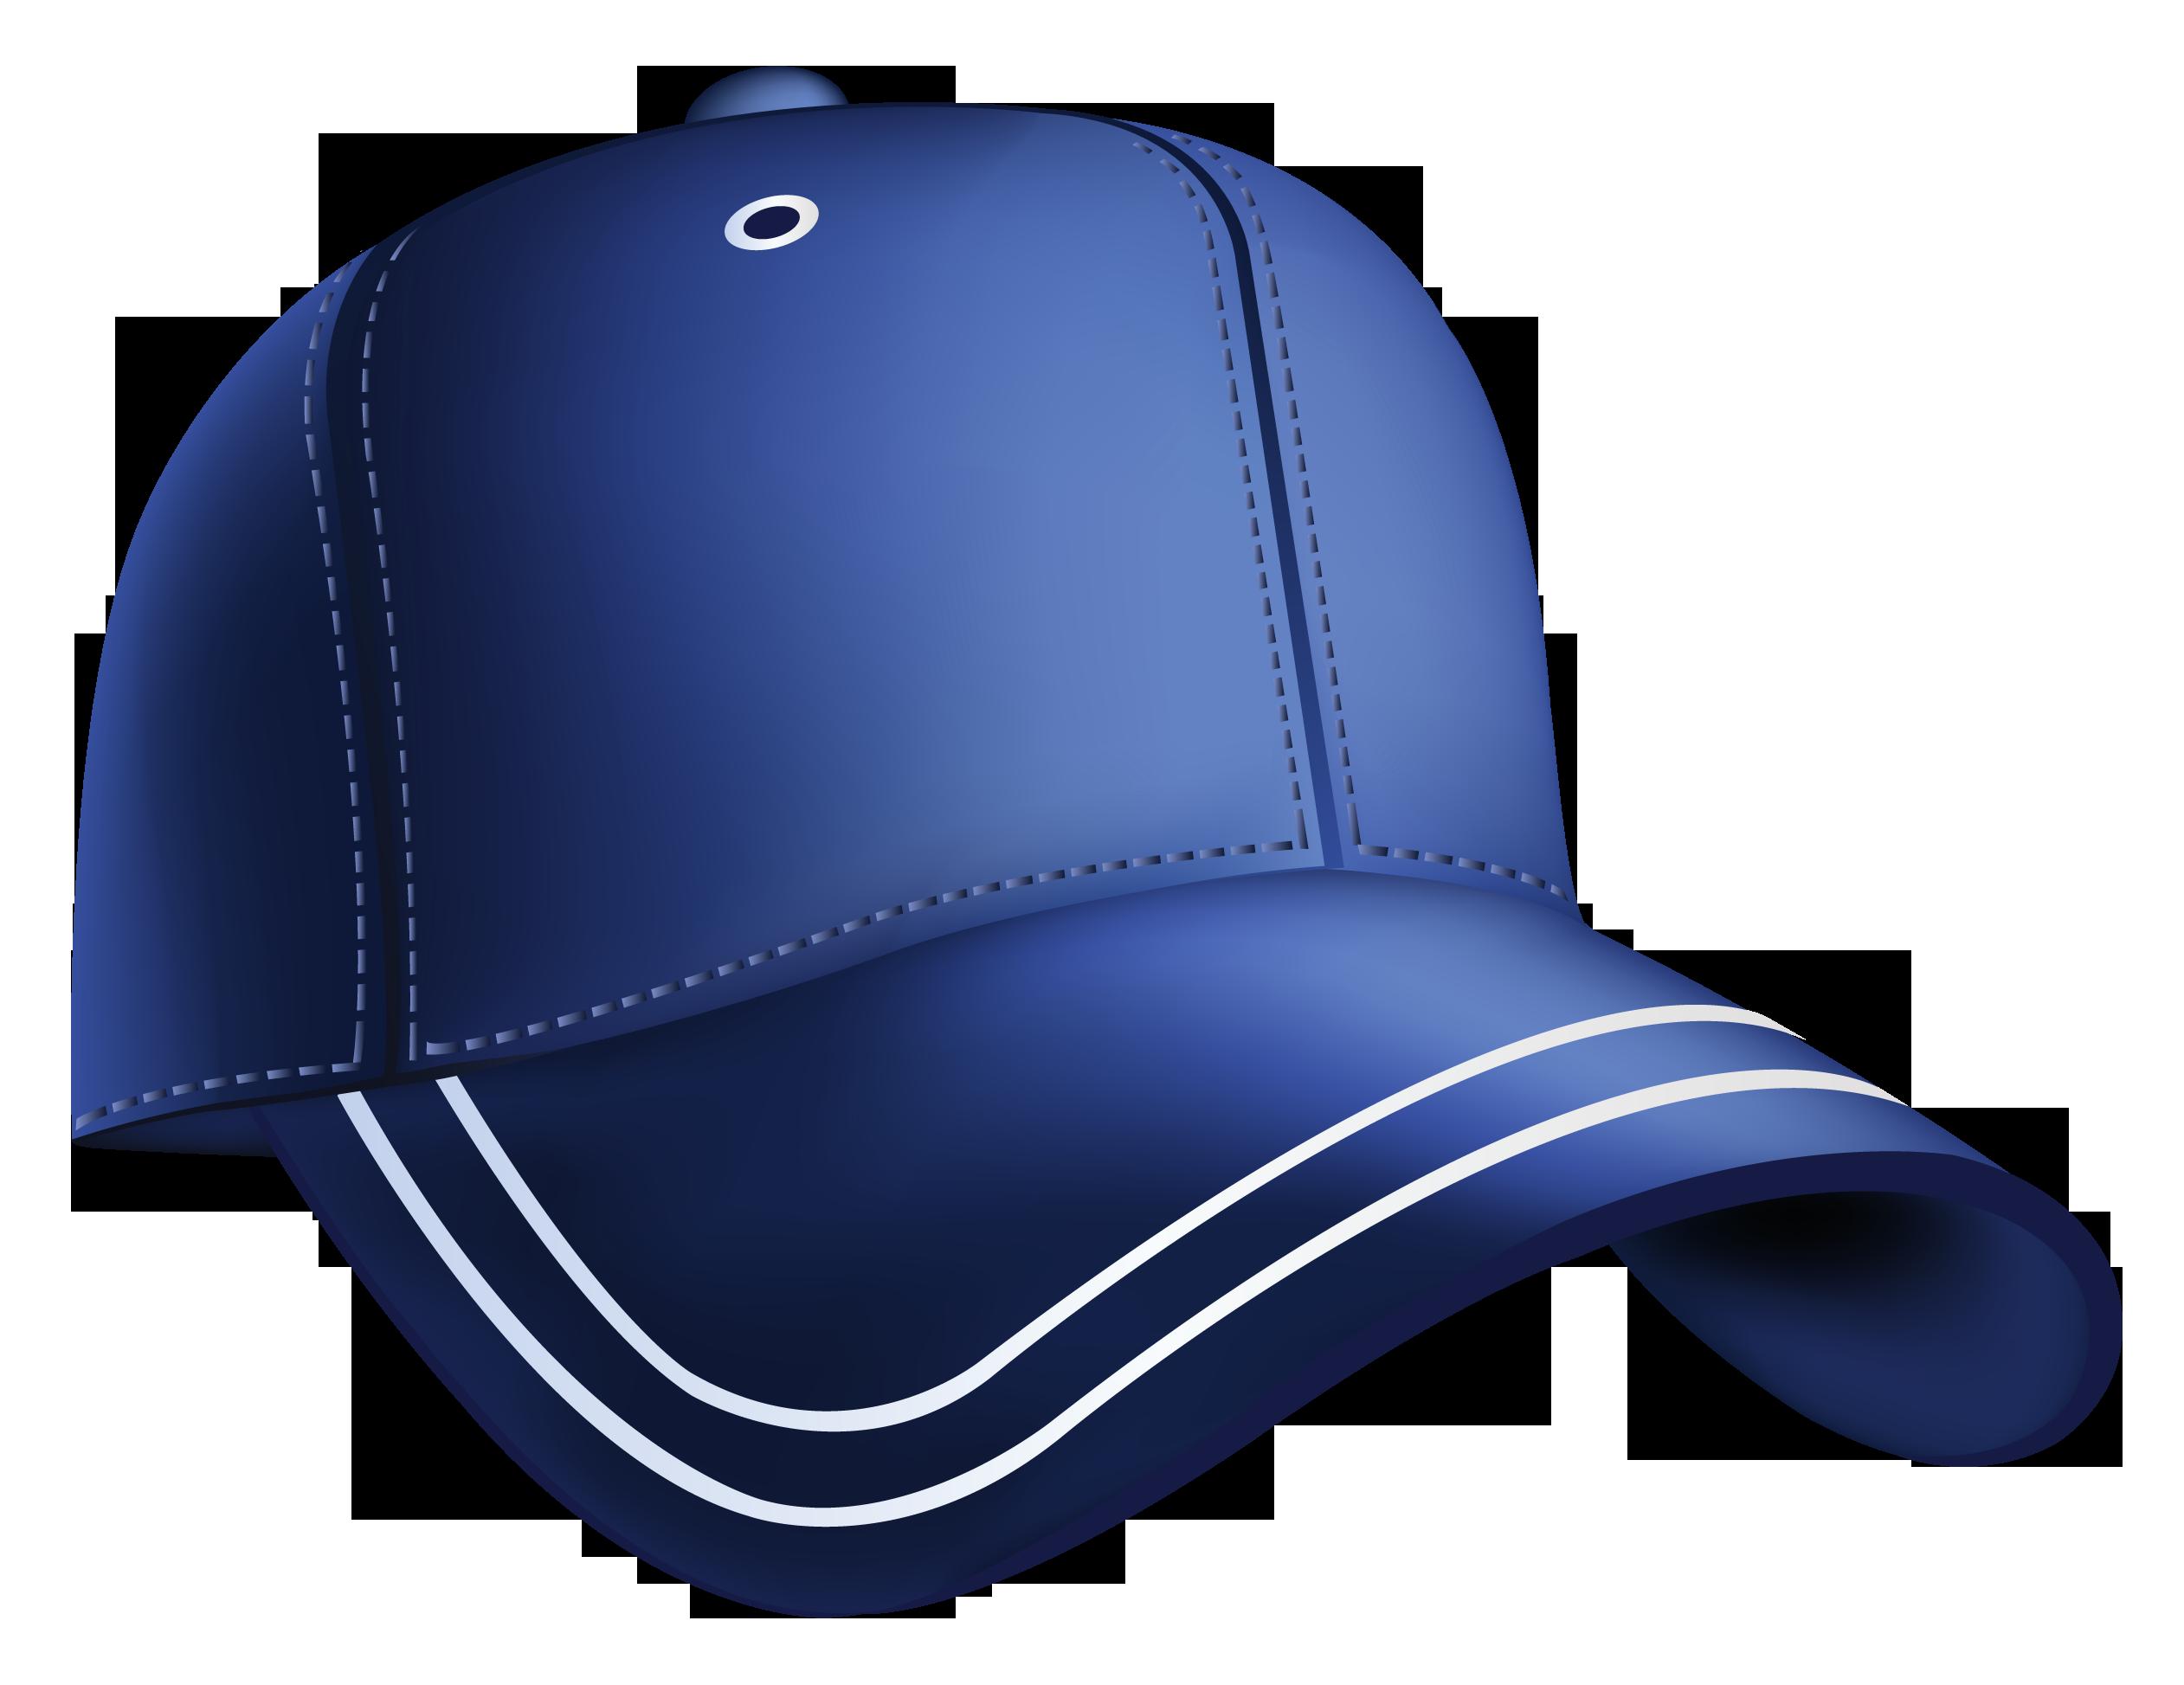 2523x1947 Blur Clipart Cowboy Hat